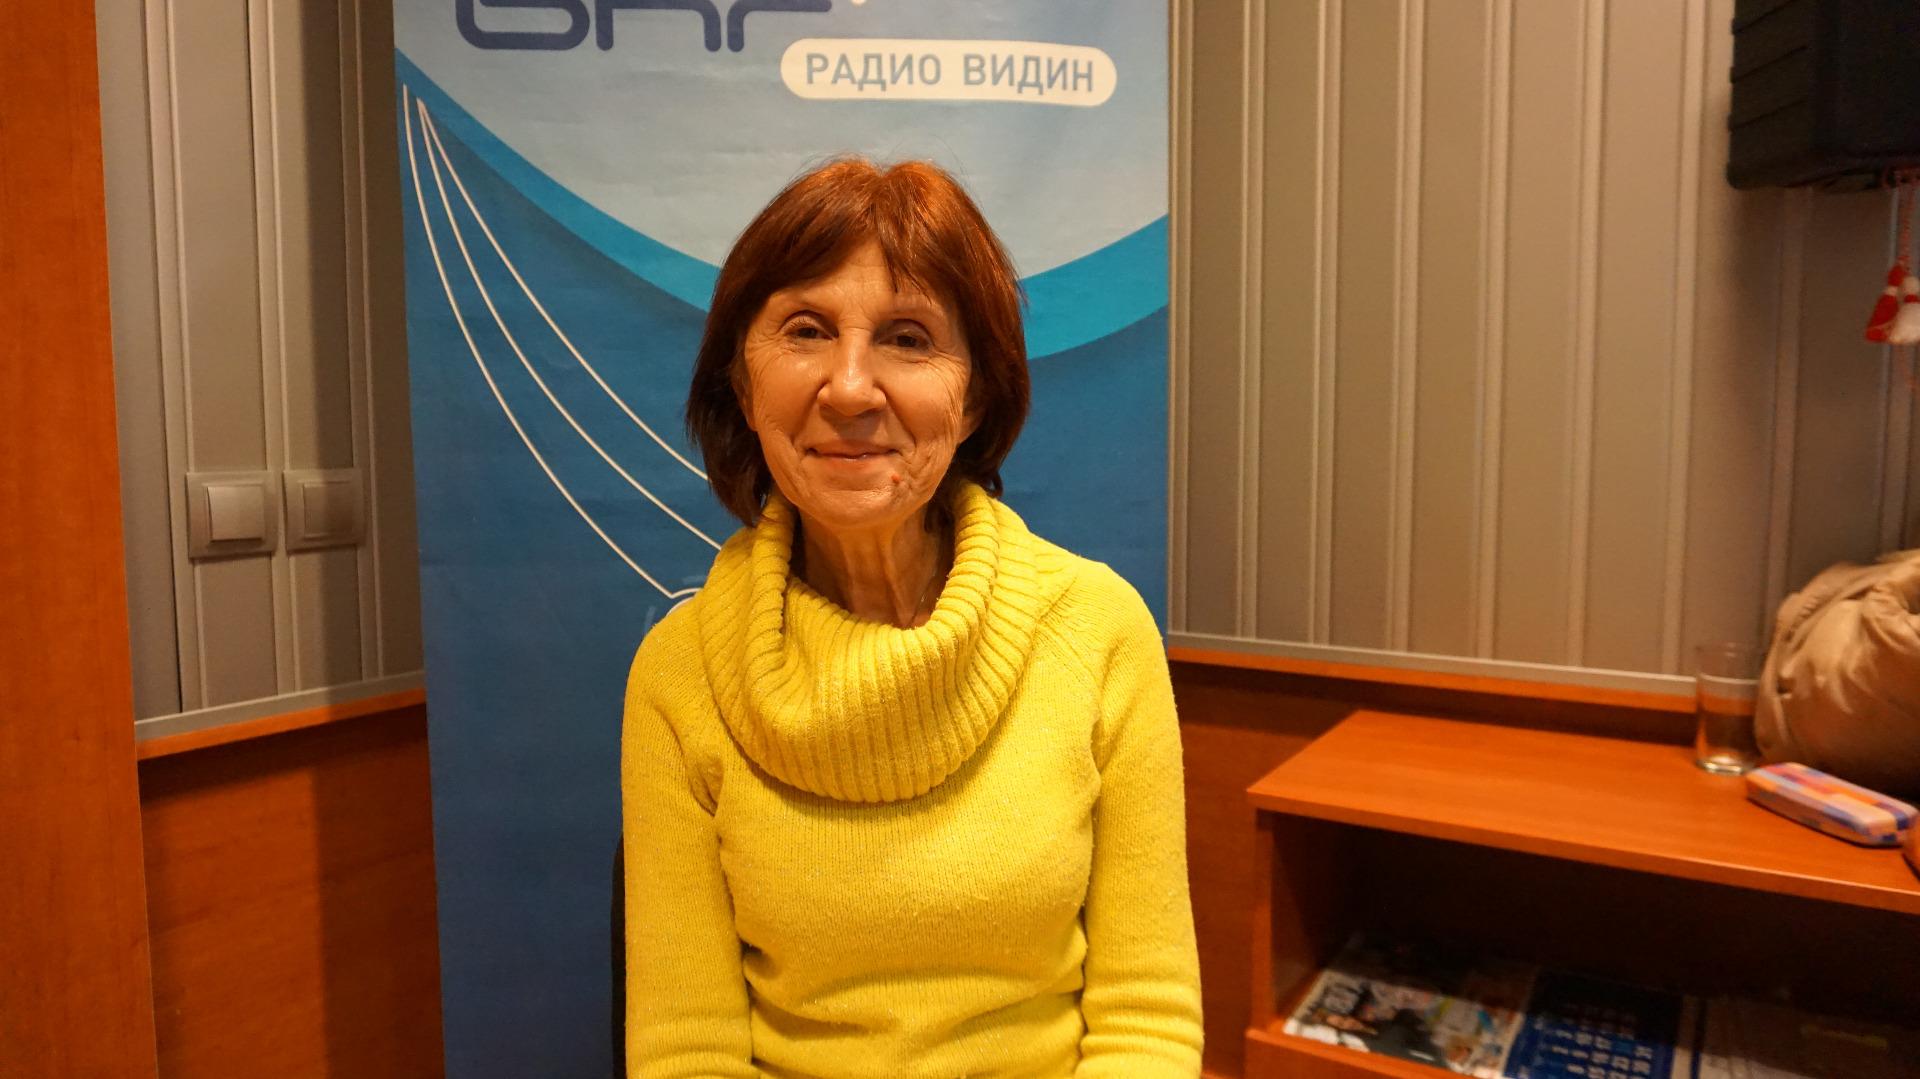 Житният режим се прави през февруари за пречистване на организма от натрупванията от зимата, обясни д-р Светла Балтова. Снимка: Радио ВИДИН